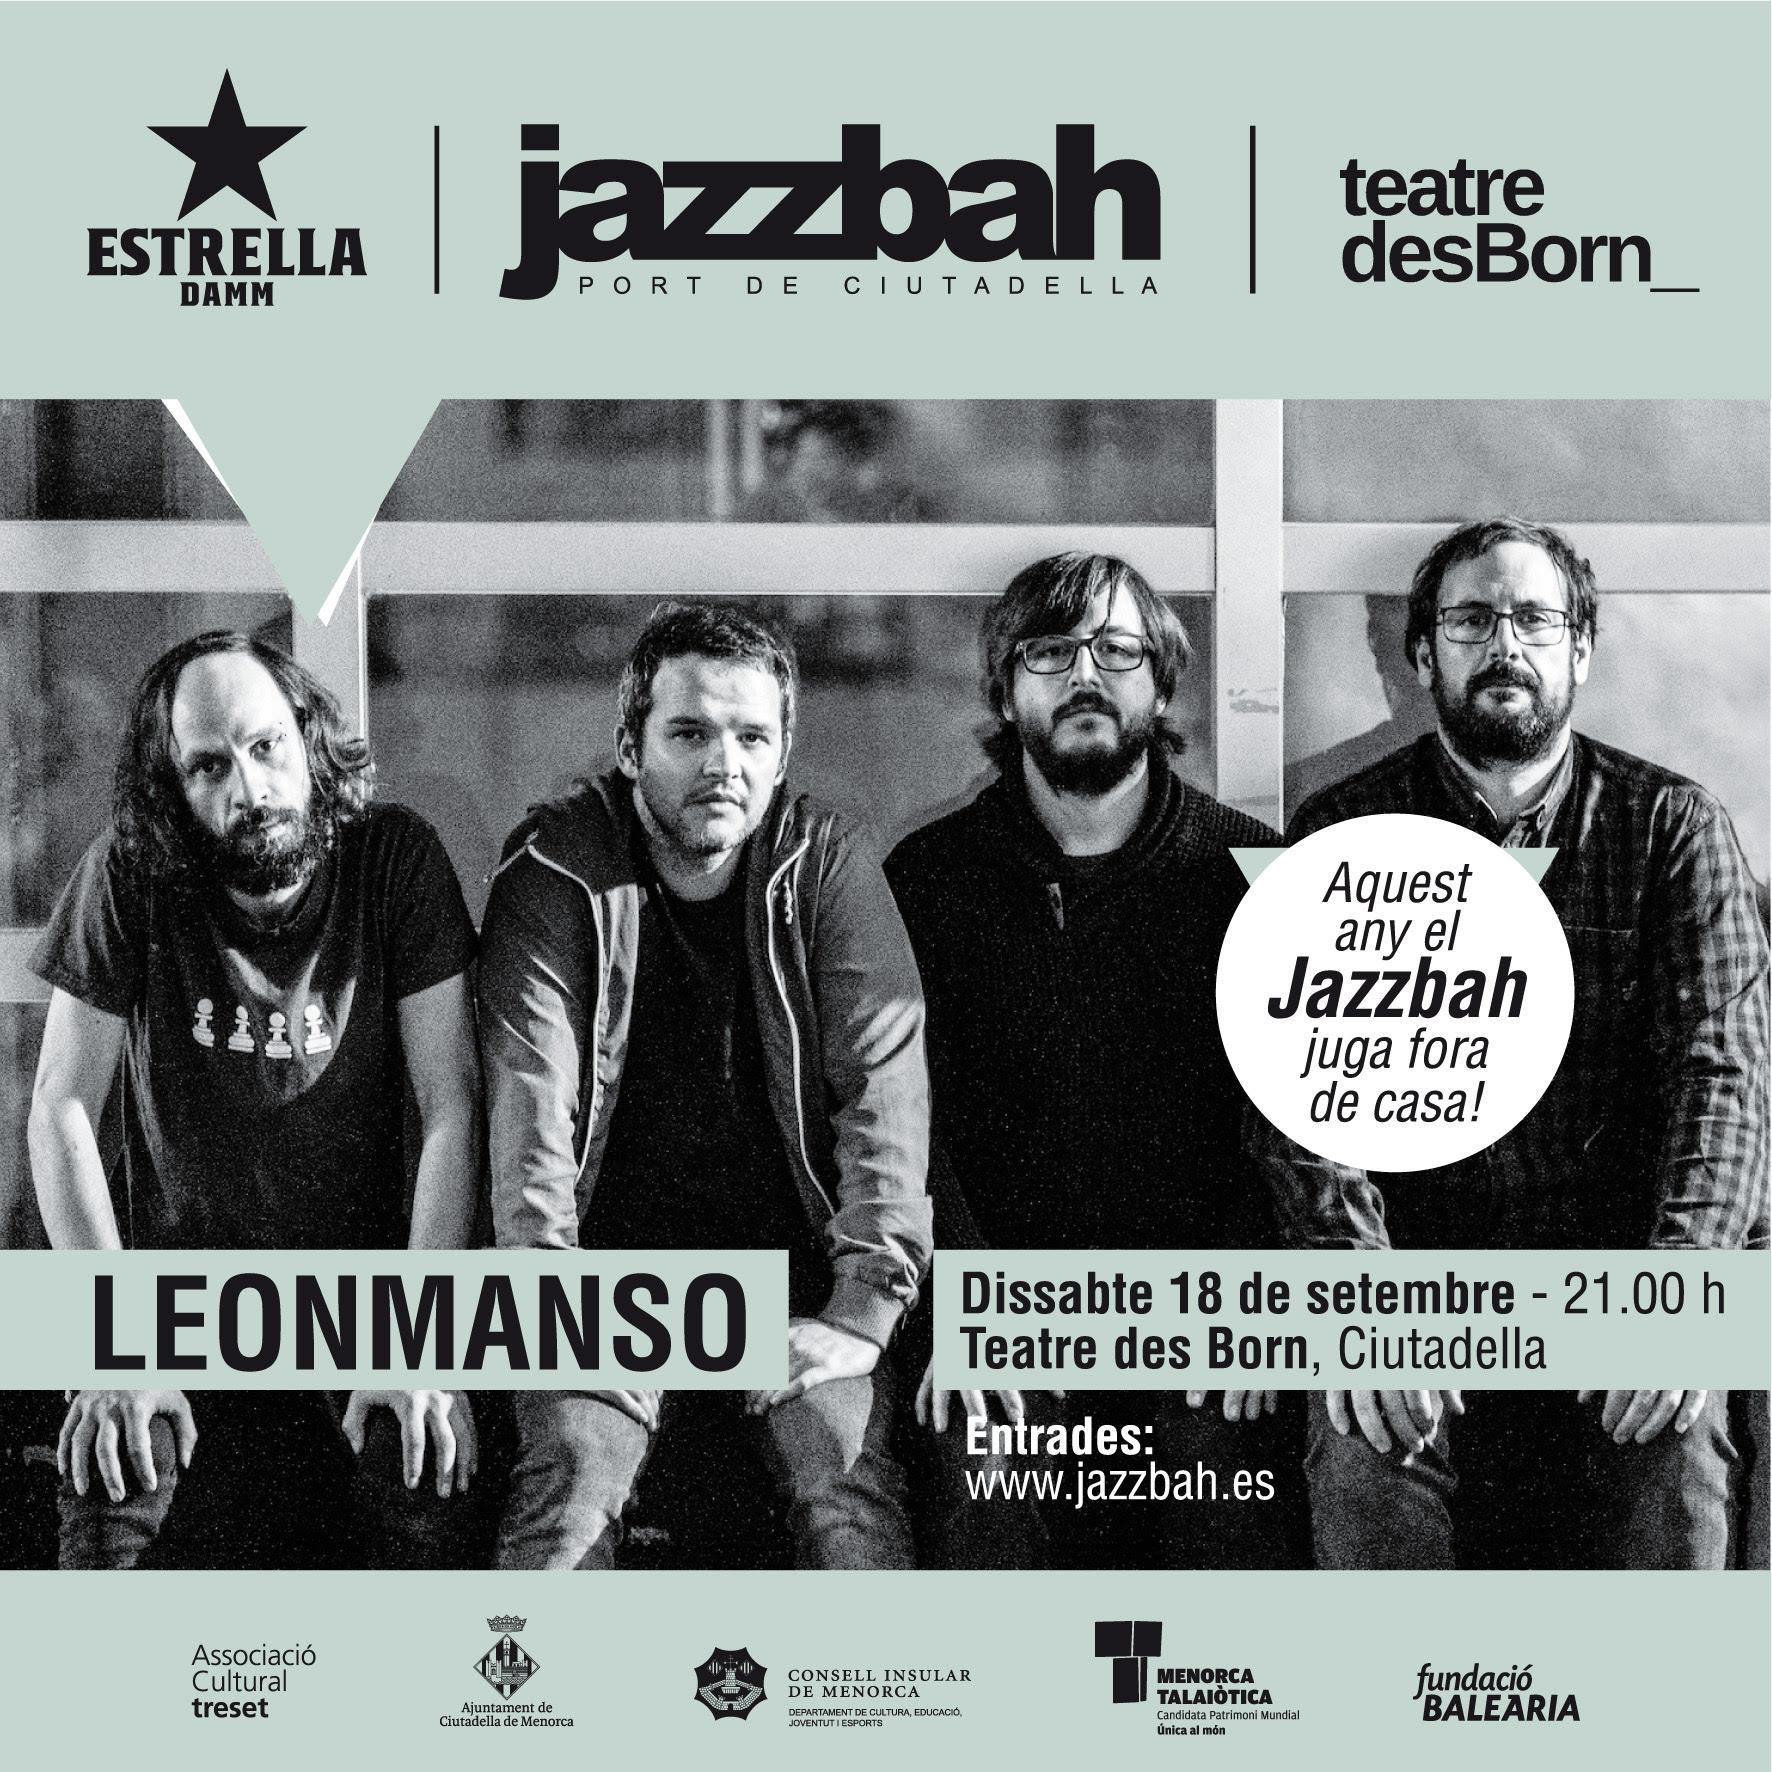 LEONMANSO - TEATRE DES BORN